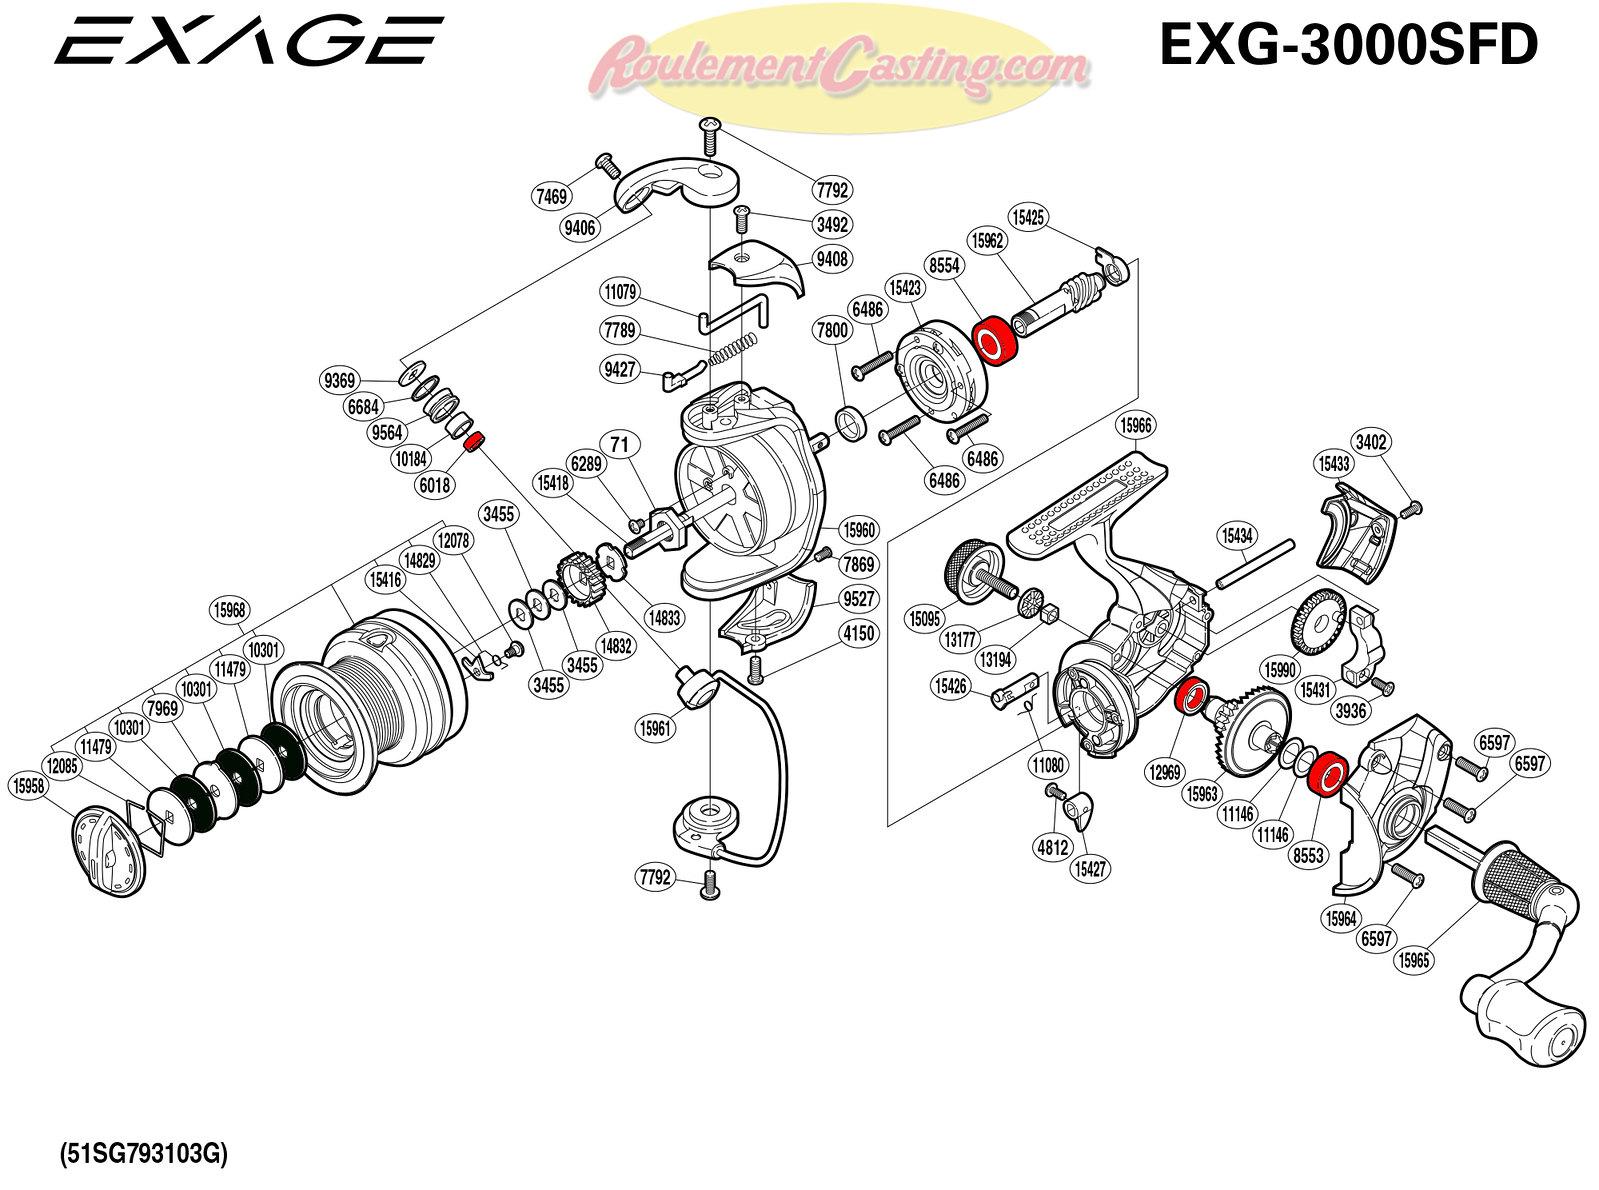 Schema-Shimano-EXAGE-3000SFD